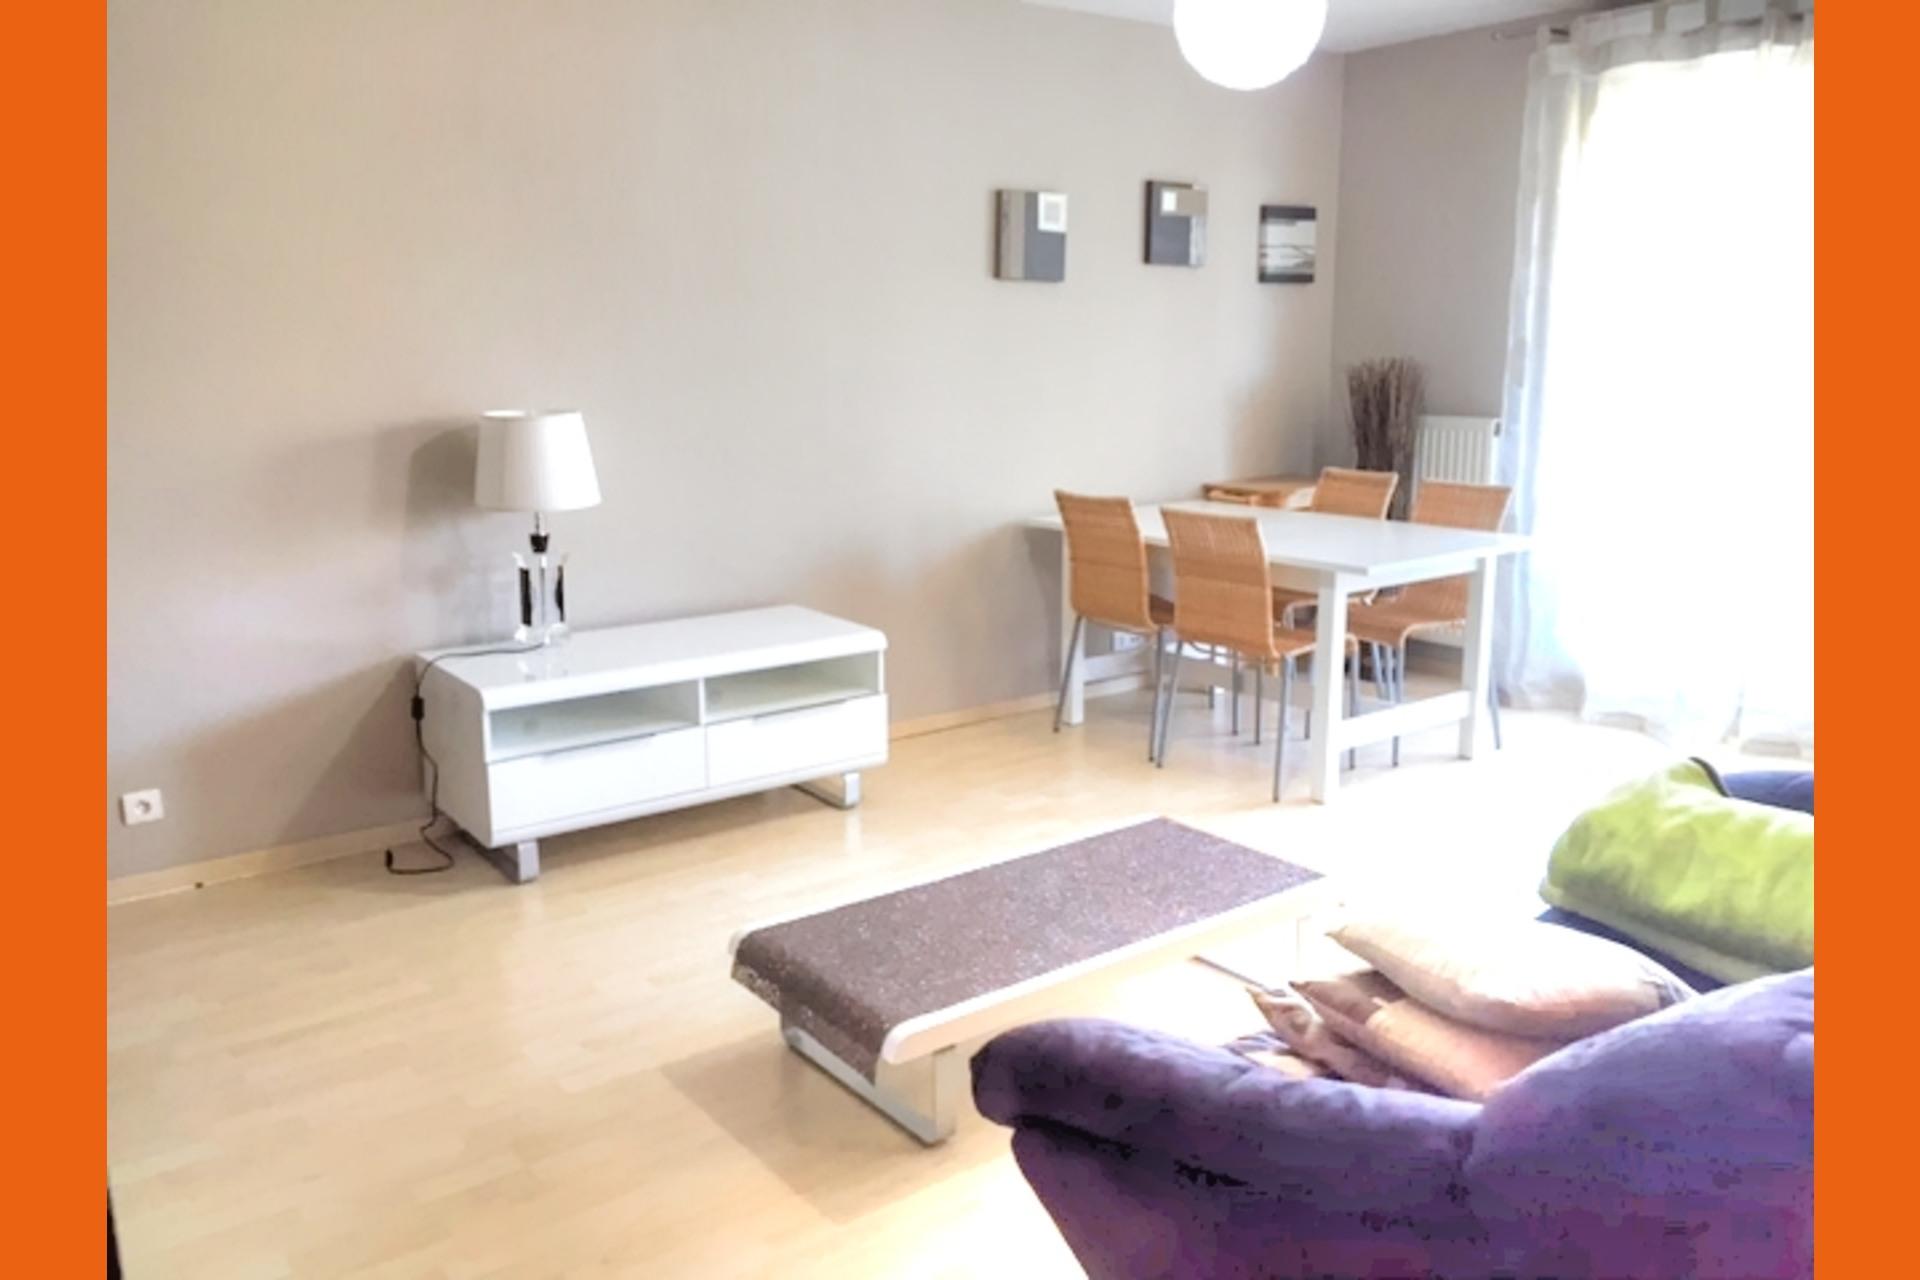 image 1 - Appartement À louer Moulins-lès-Metz - 2 pièces